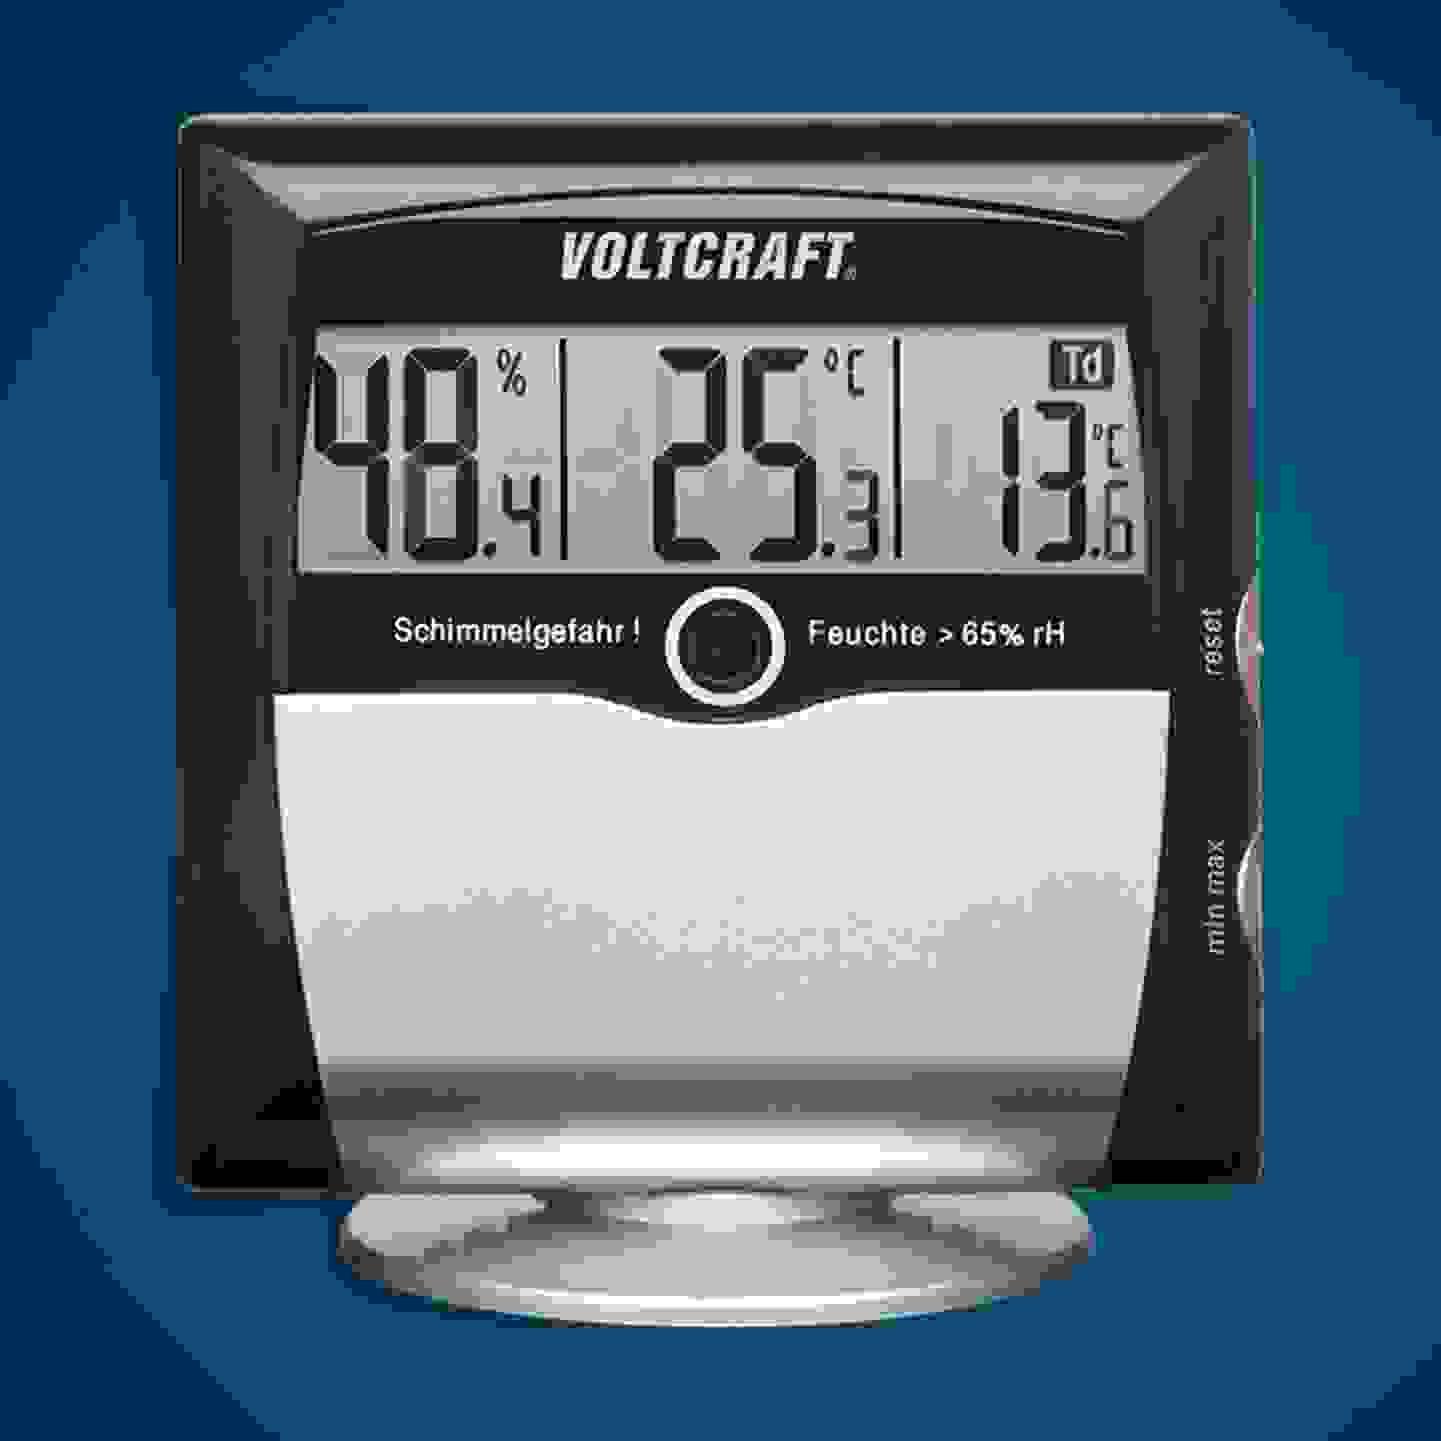 Voltcraft - MS-10 Luftfeuchtemessgerät (Hygrometer) »